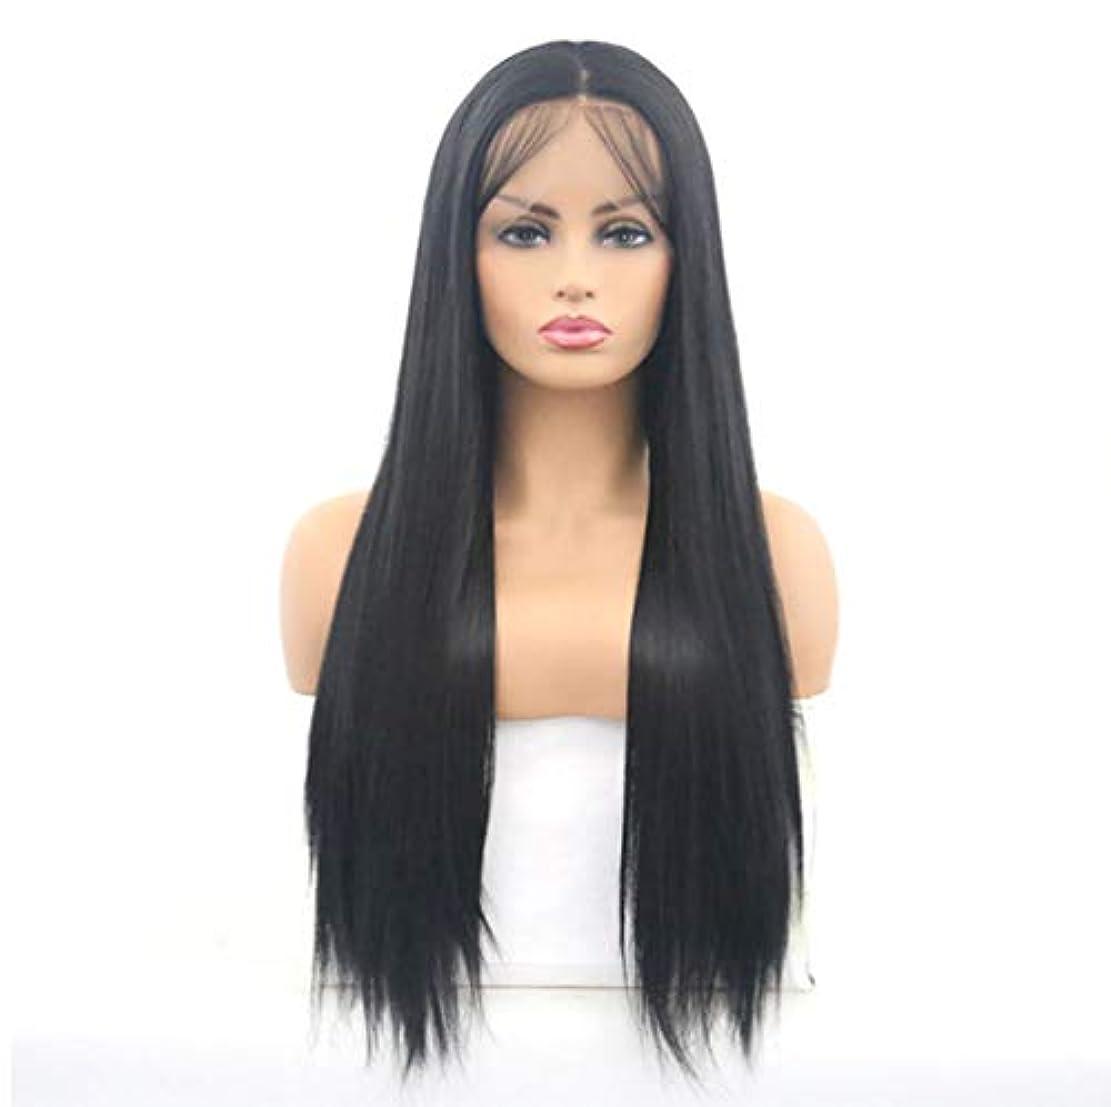 捕虜返済牽引女性レースフロントかつらブラジルレミー人間の髪の毛ストレートレースかつら150%密度ナチュラルブラック26インチ